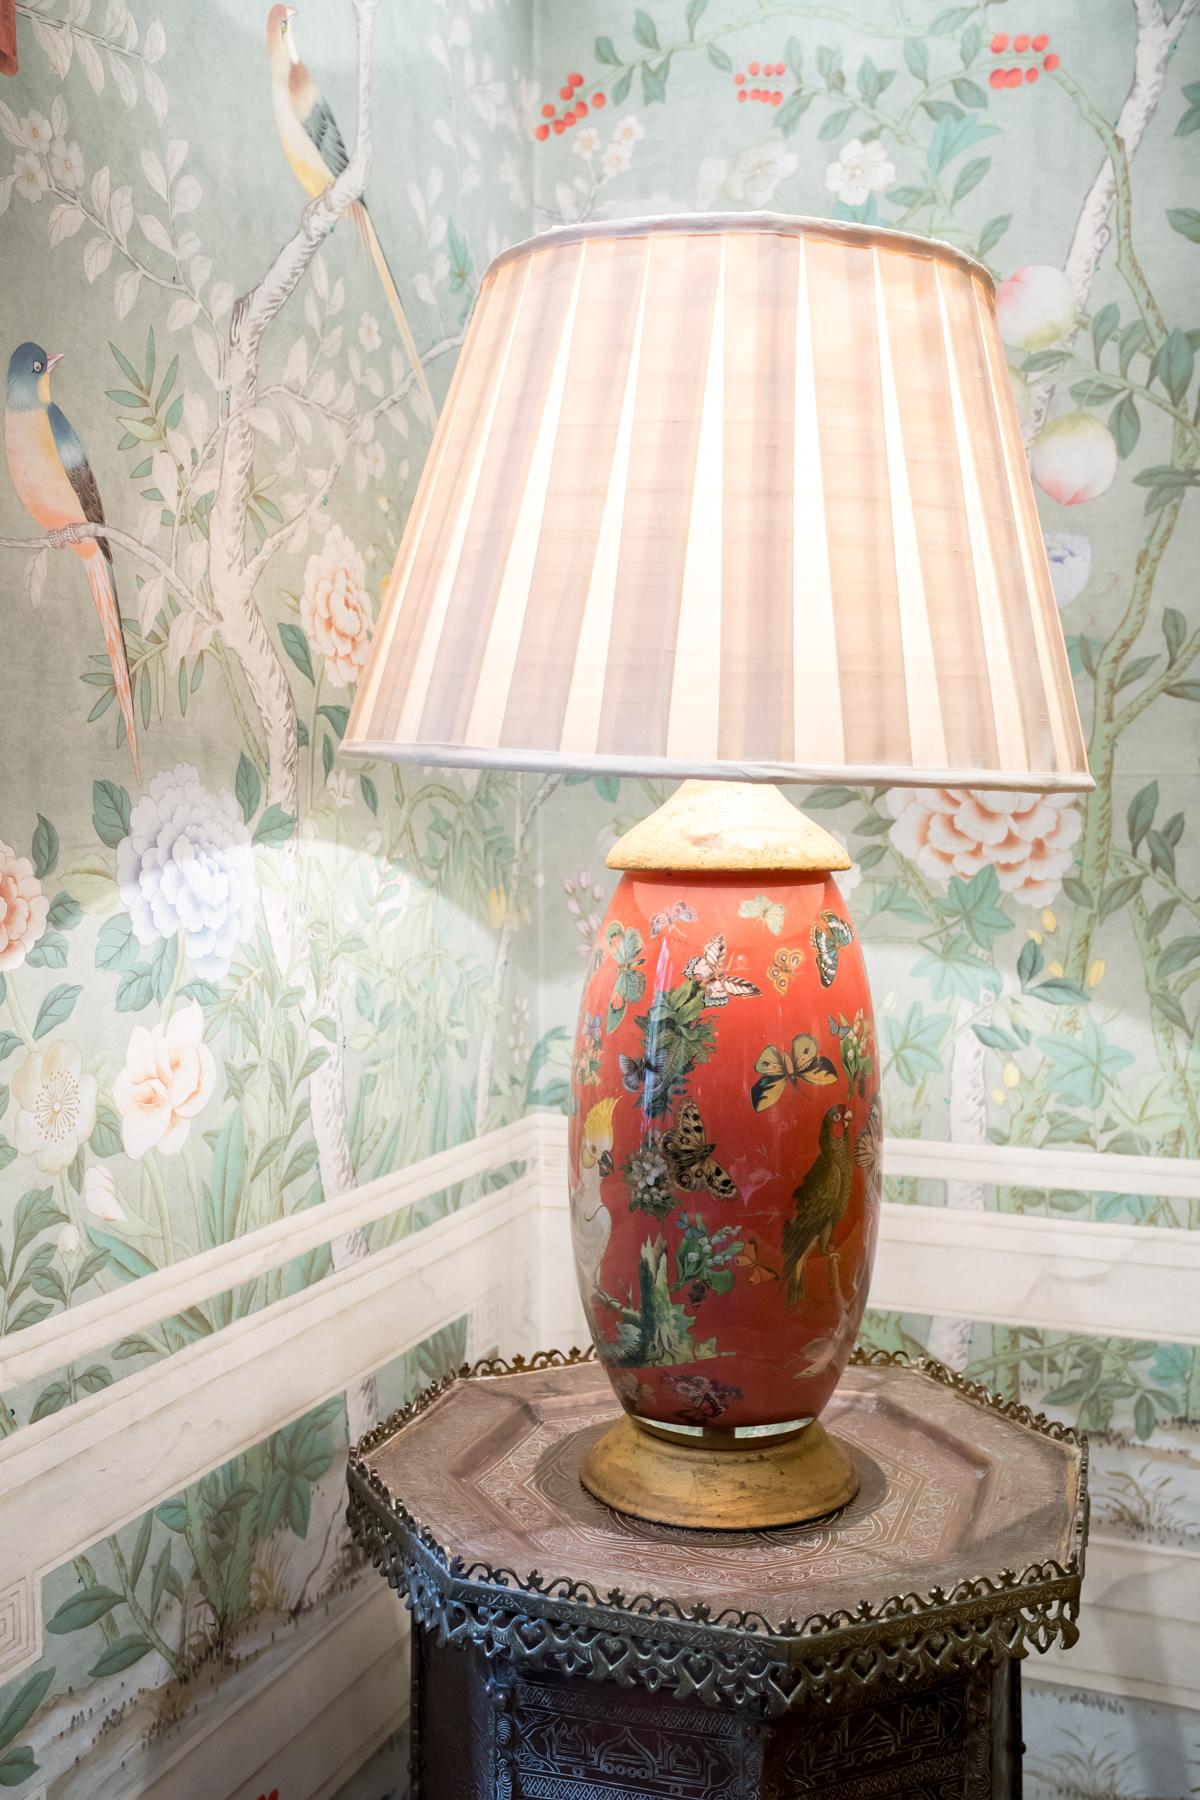 Stacie Flinner Hotel Daniel Relais Chateaux Paris-15.jpg